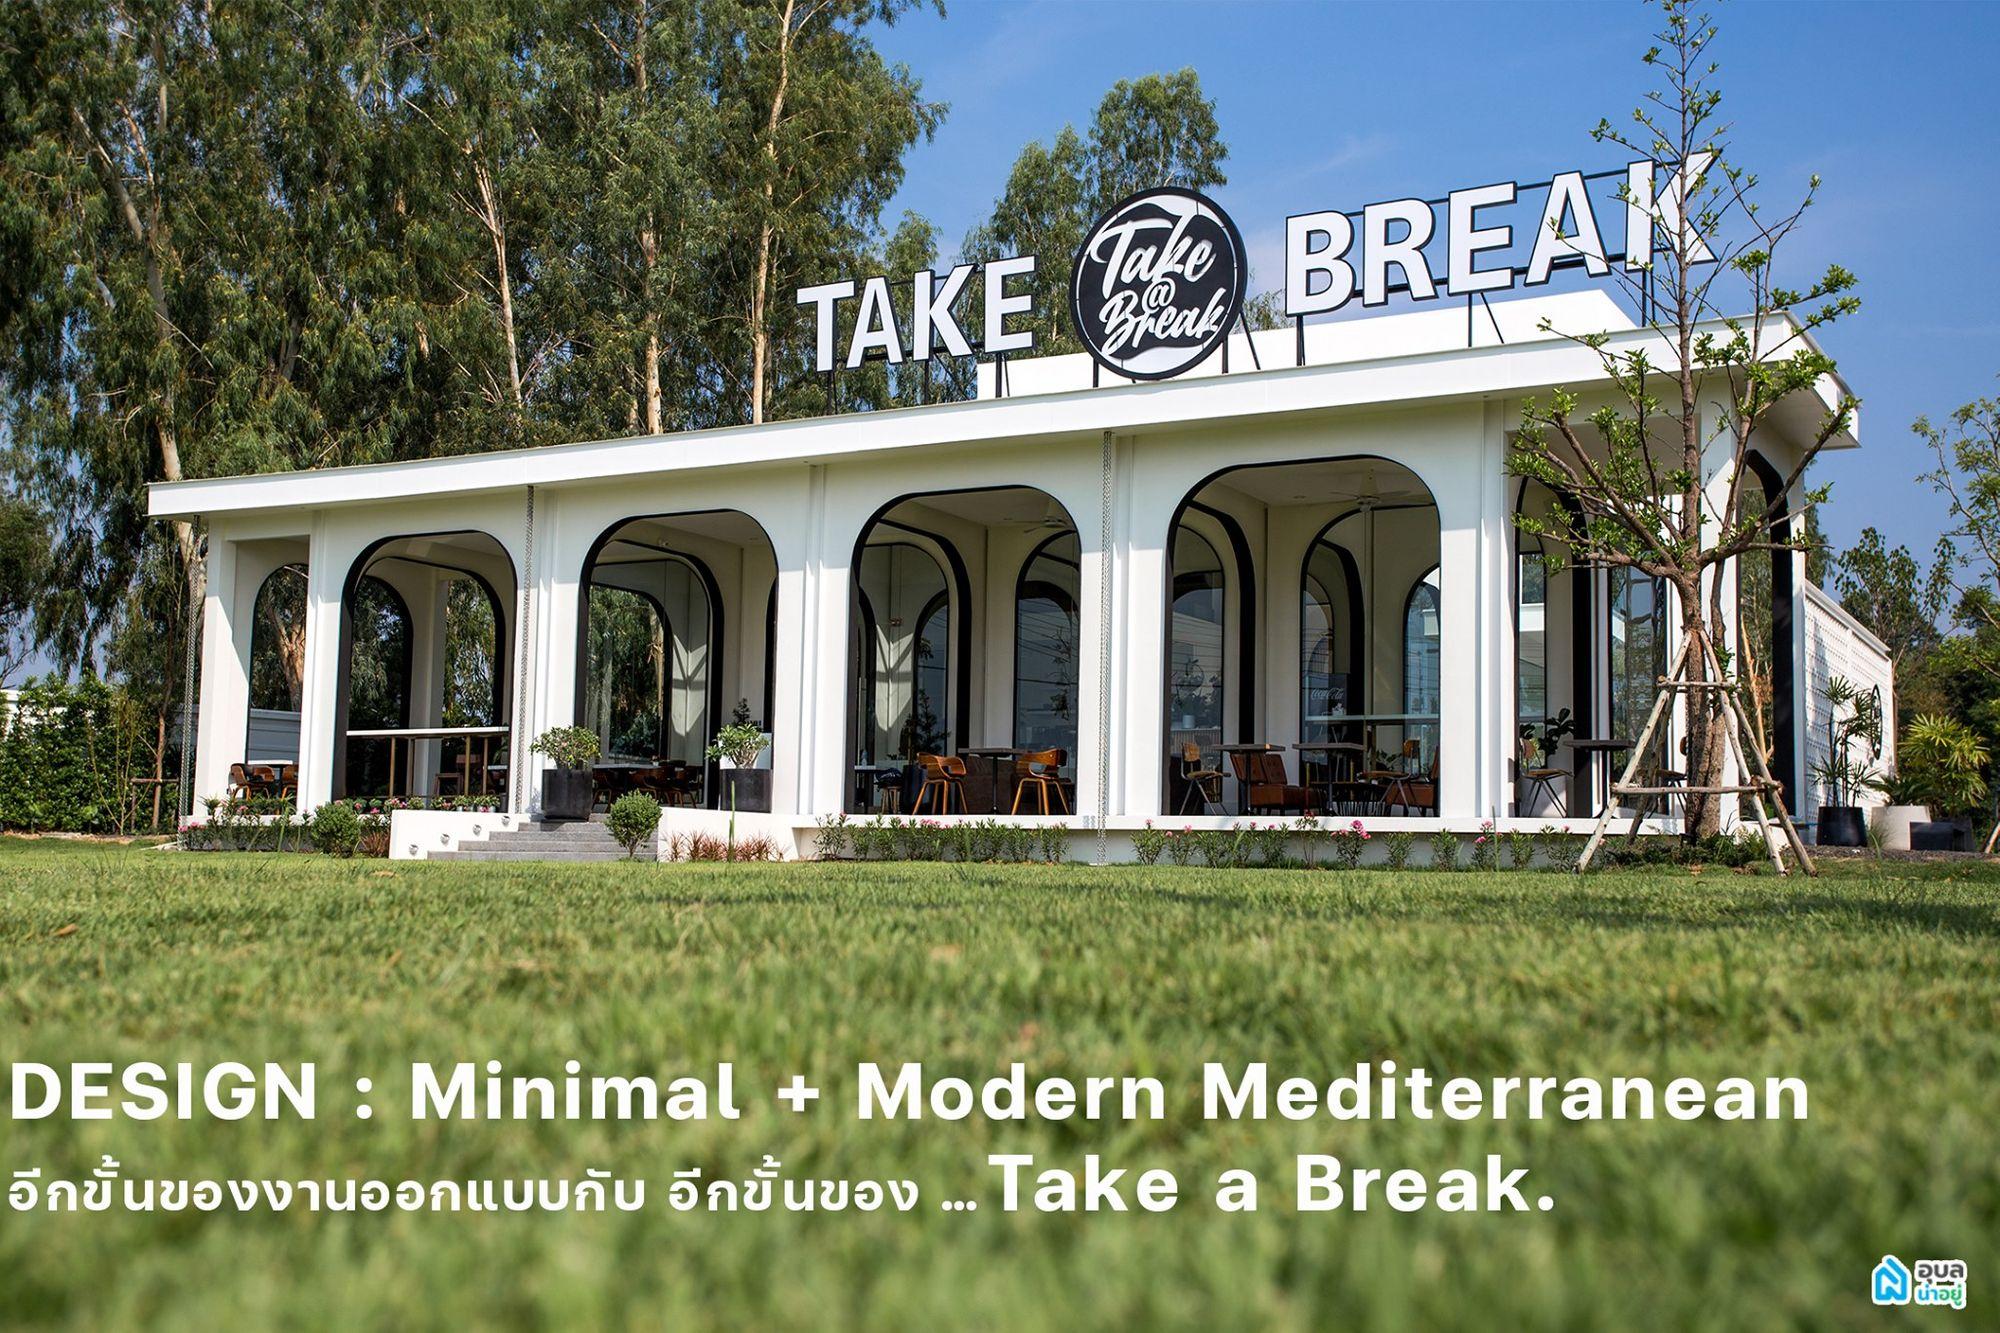 """Take a Break ค่าเฟ่อุบล สไตล์ """"มินิมอล+โมเดิร์น เมดิเตอร์เรเนียน"""" ณ ห้วยวังนอง"""